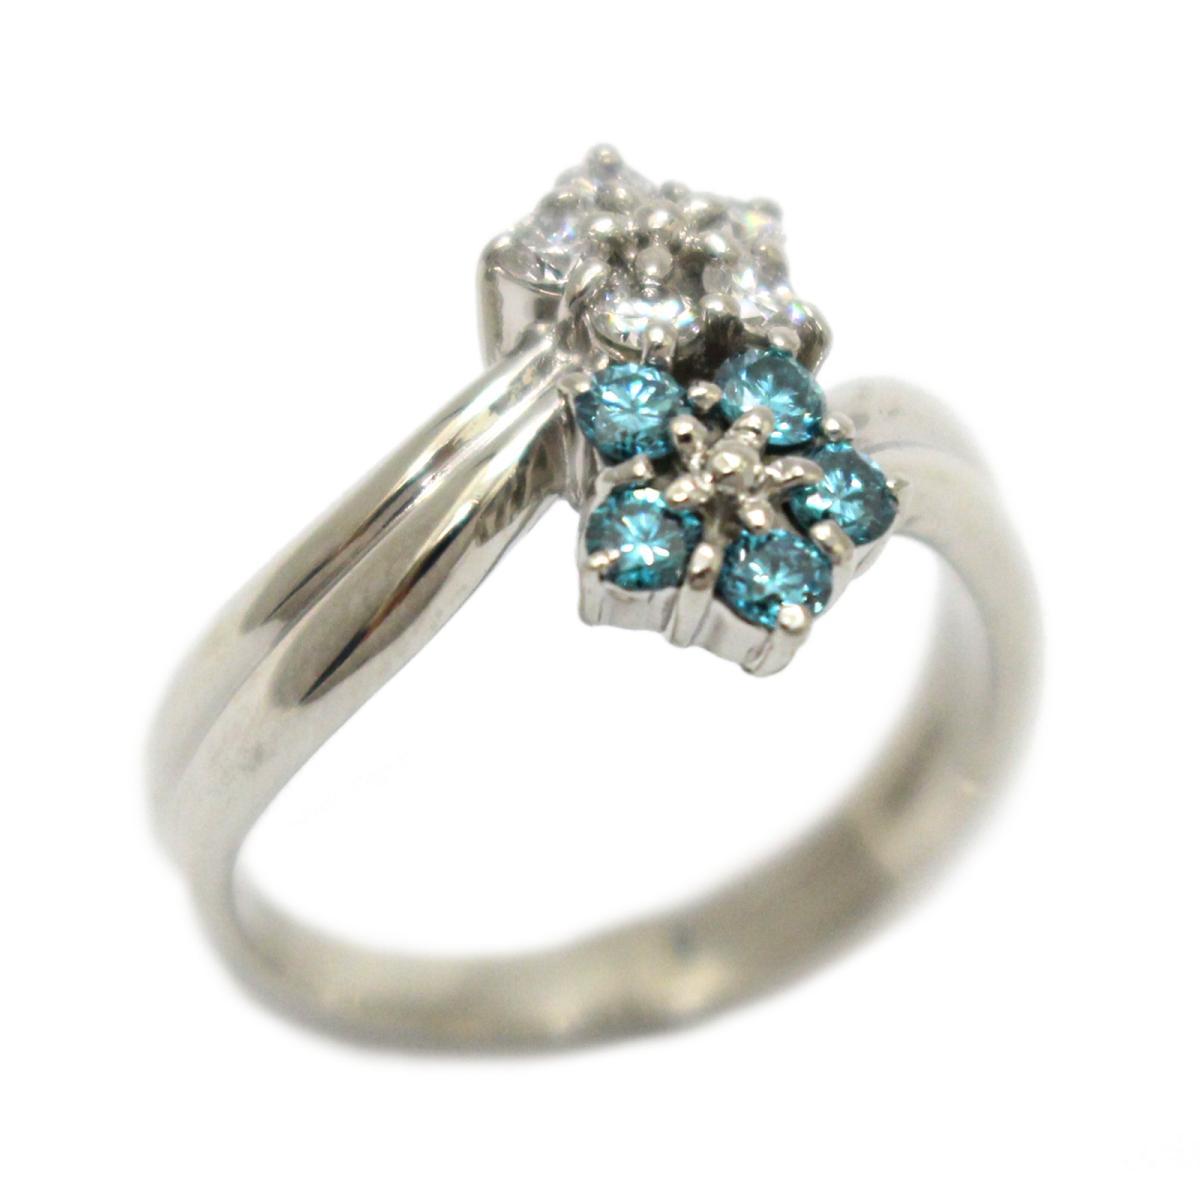 【中古】 ジュエリー ダイヤモンド リング 指輪 レディース PT900 プラチナ x (0.50ct) ブルー   JEWELRY BRANDOFF ブランドオフ ブランド アクセサリー